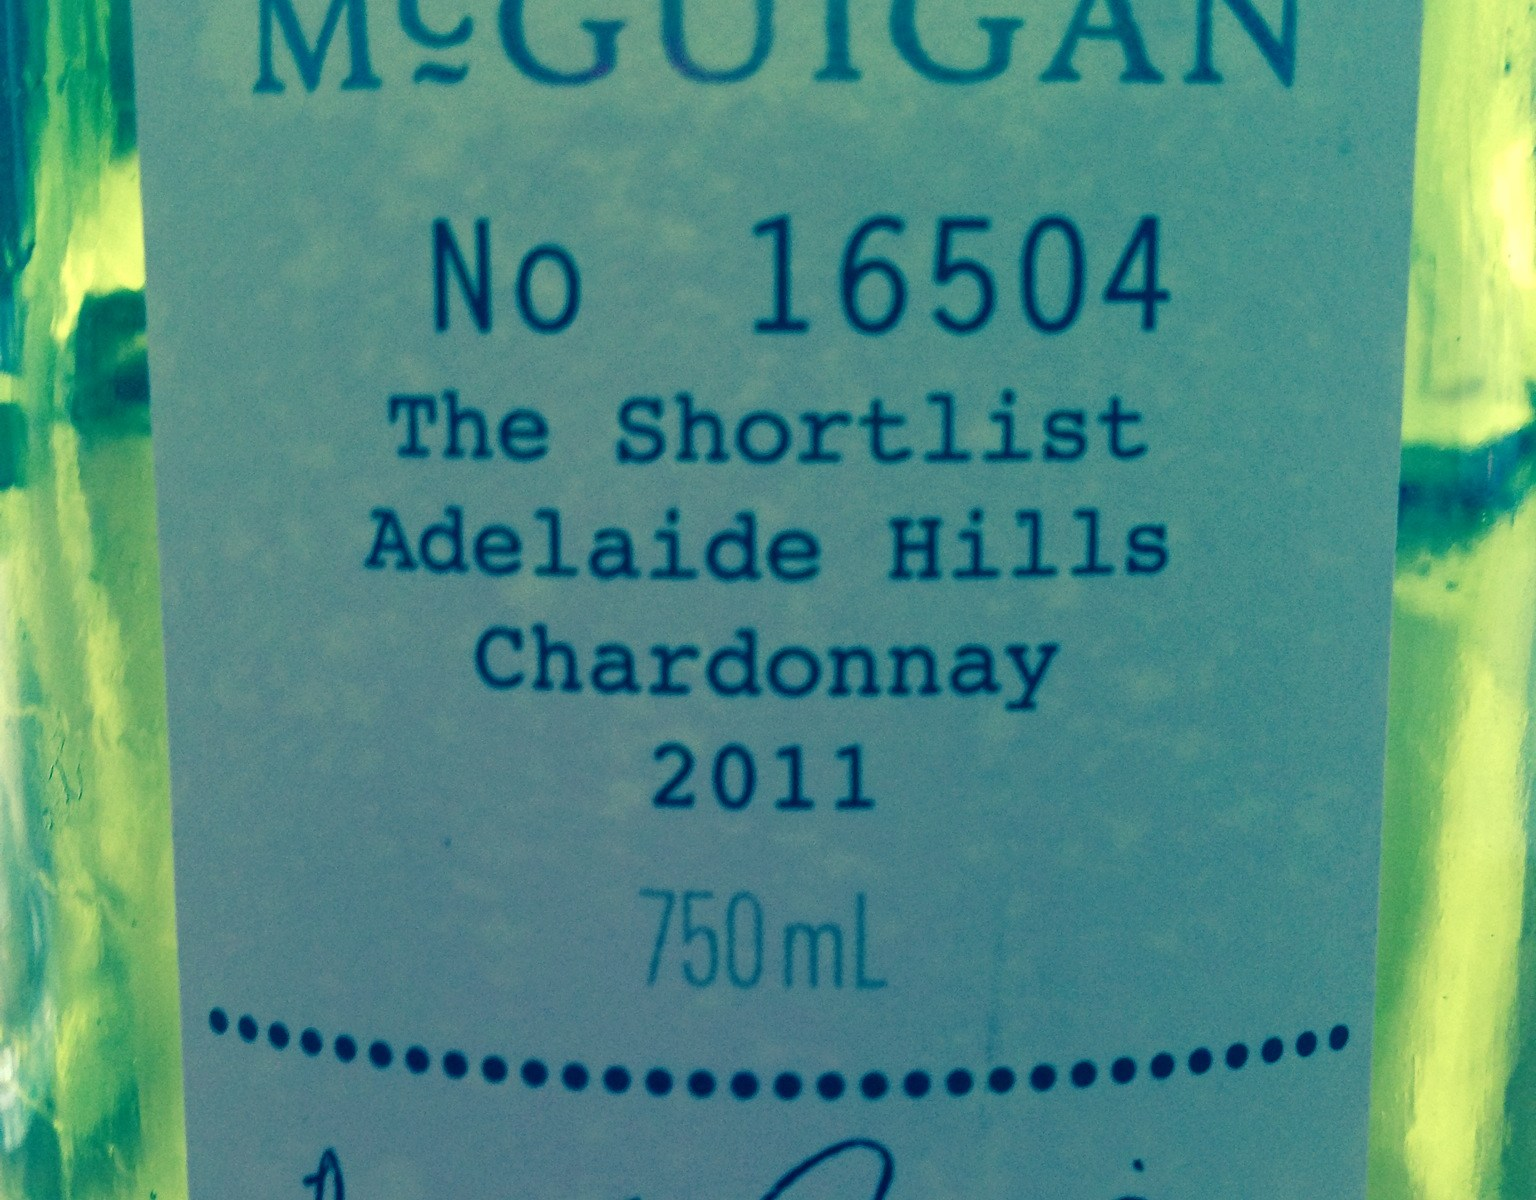 McGuigan Shortlist Chardonnay, 2011, Adelaide Hills